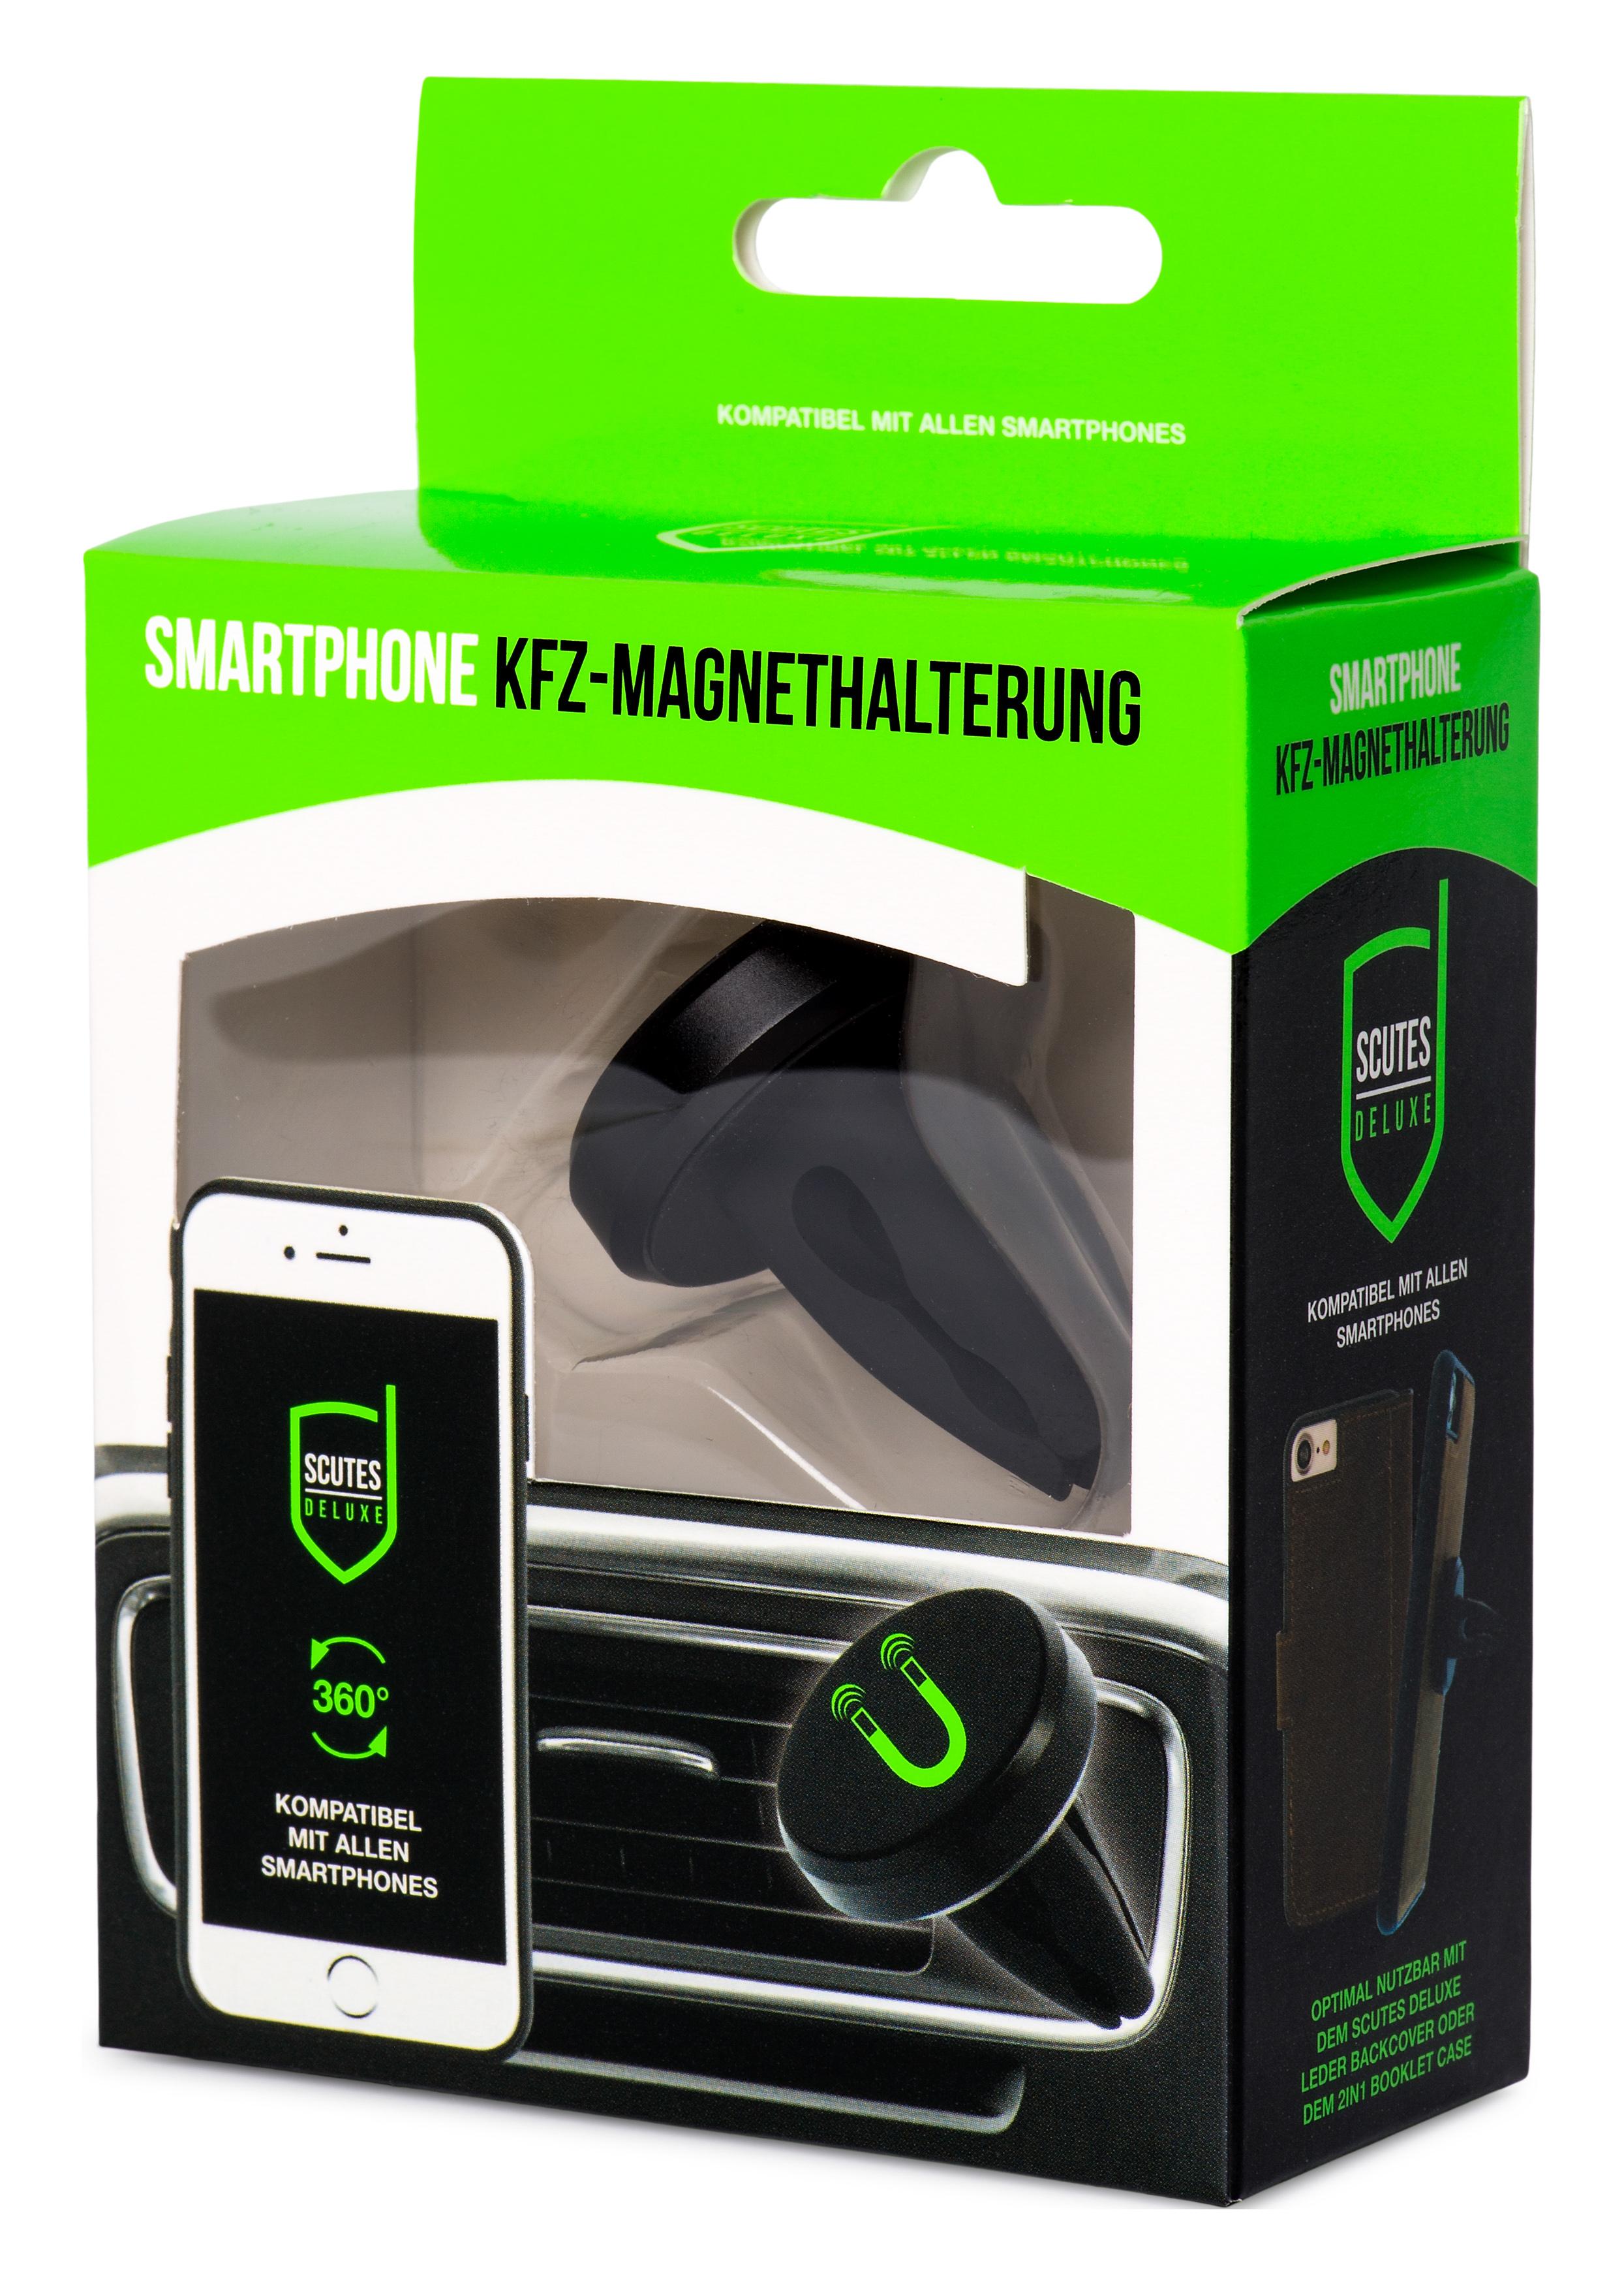 KFZ-Magnethalterung